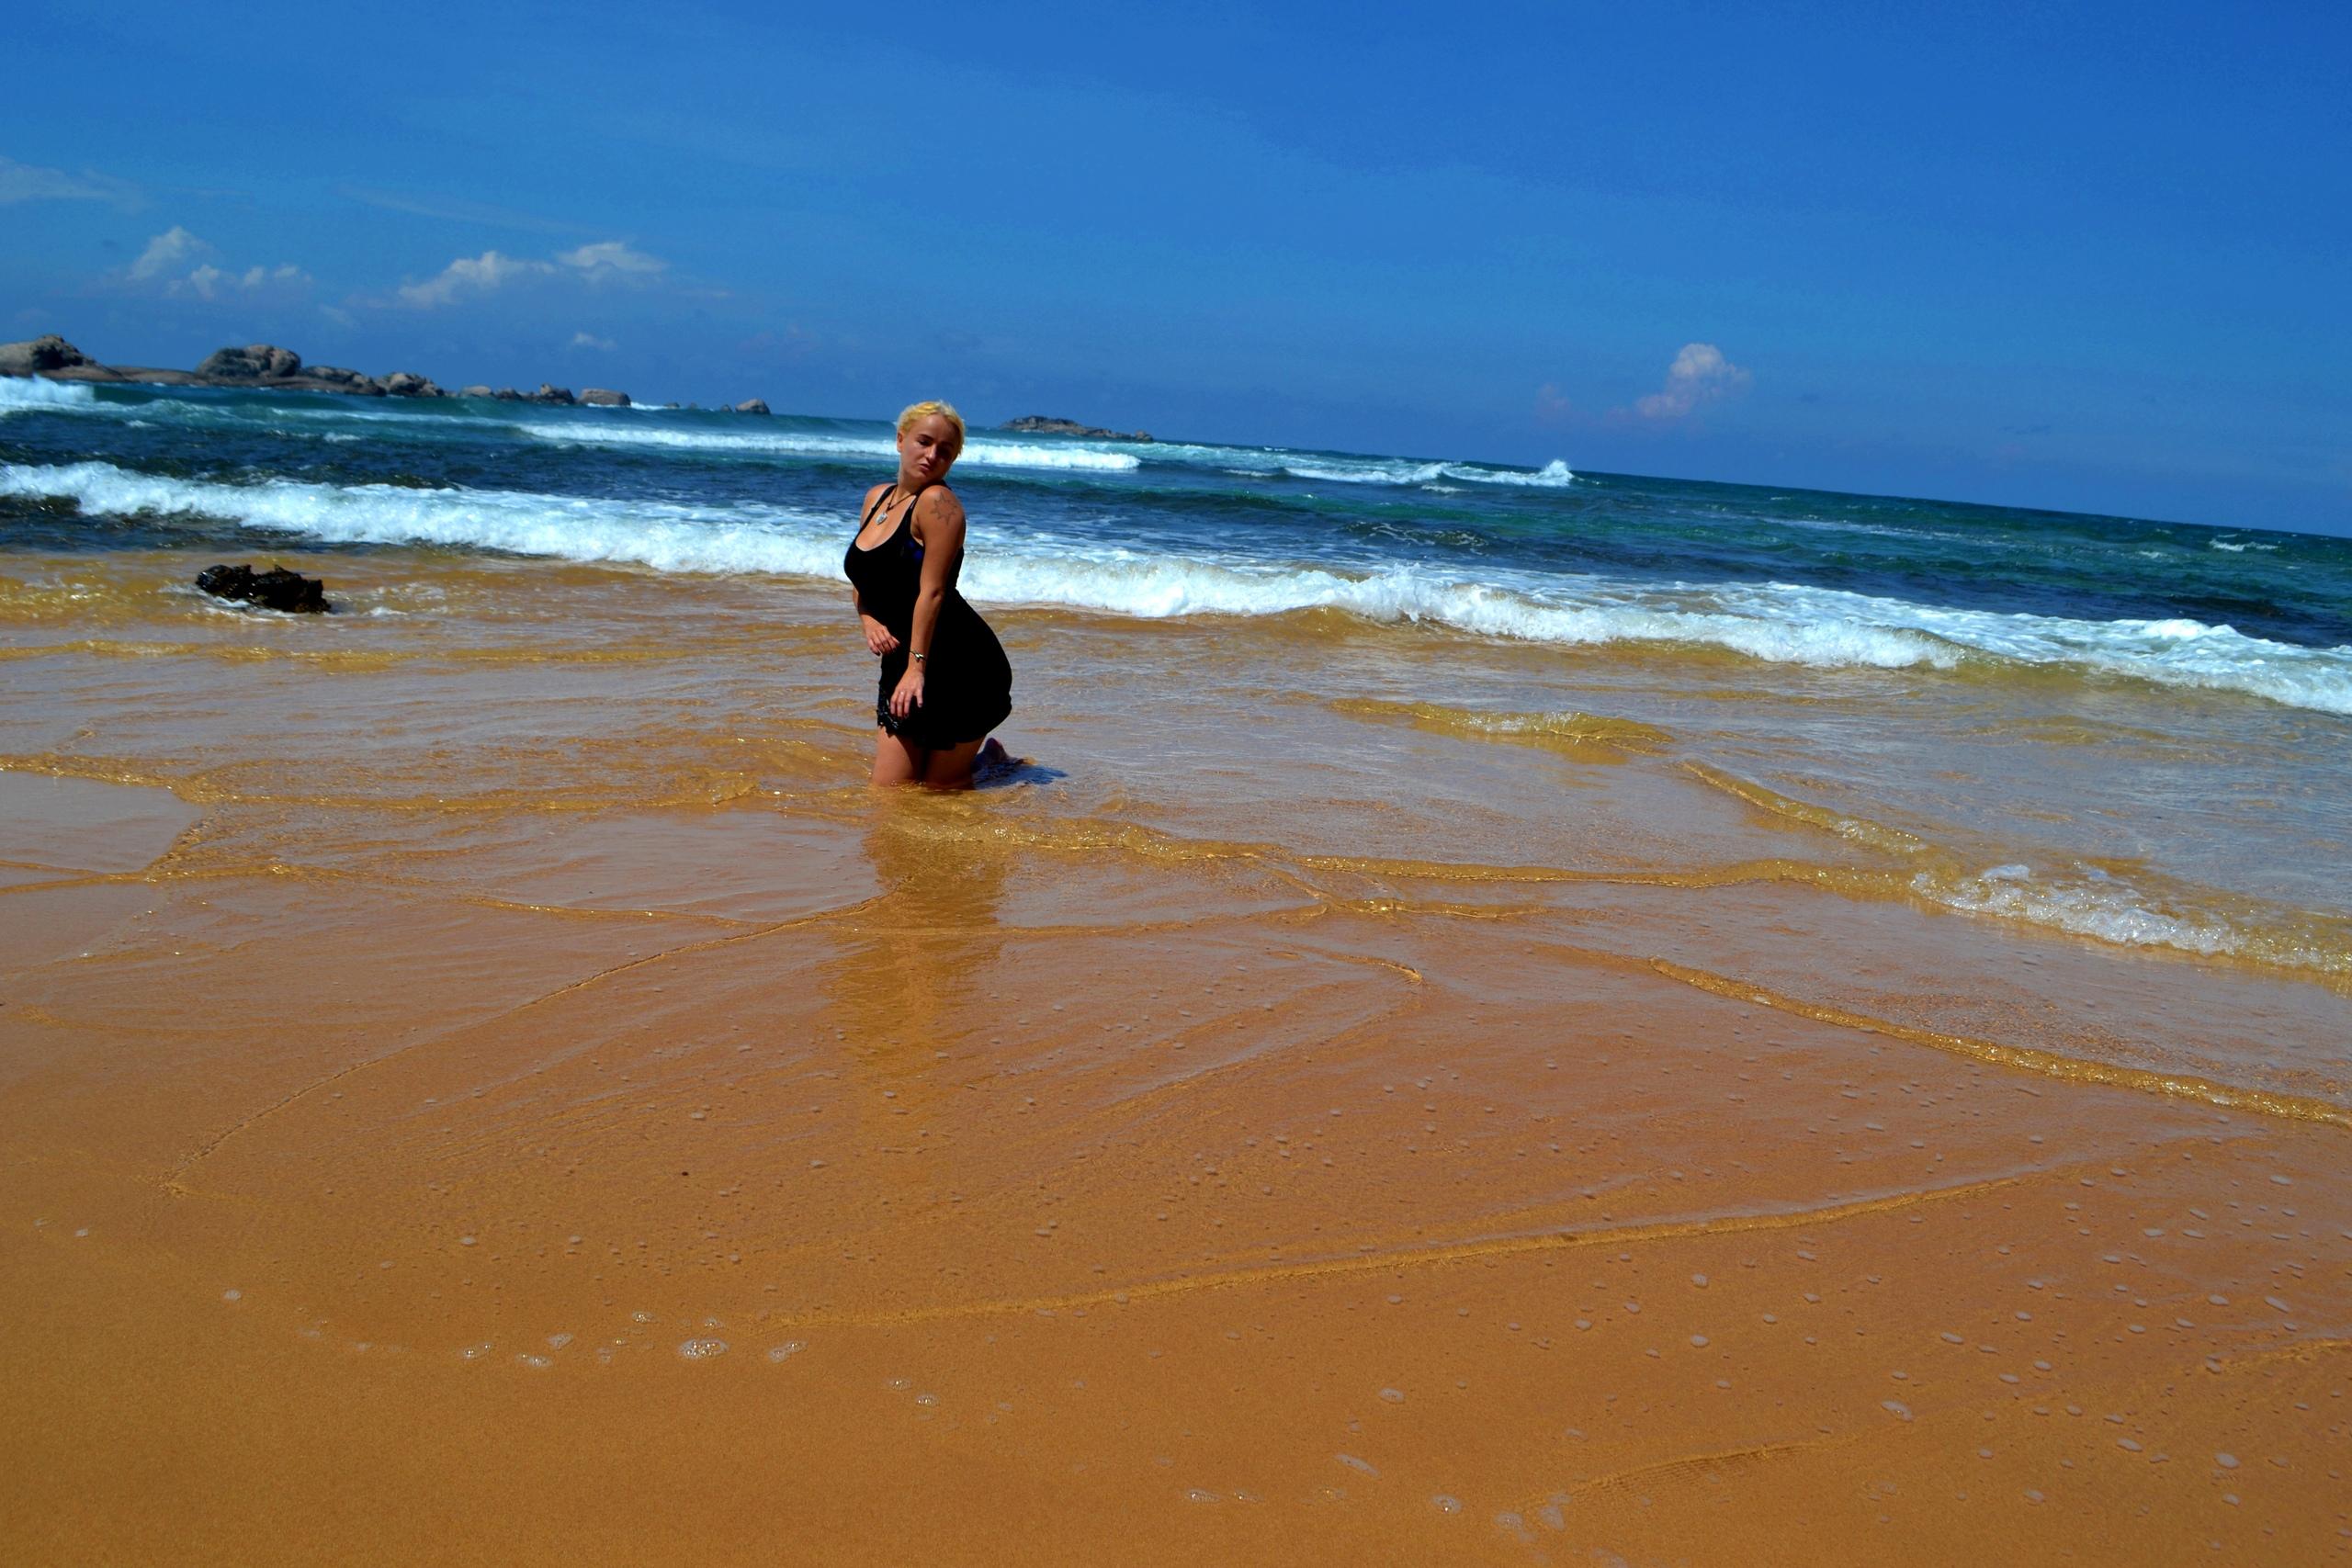 Шри Ланка (фото) Cnh7_G_OFrk